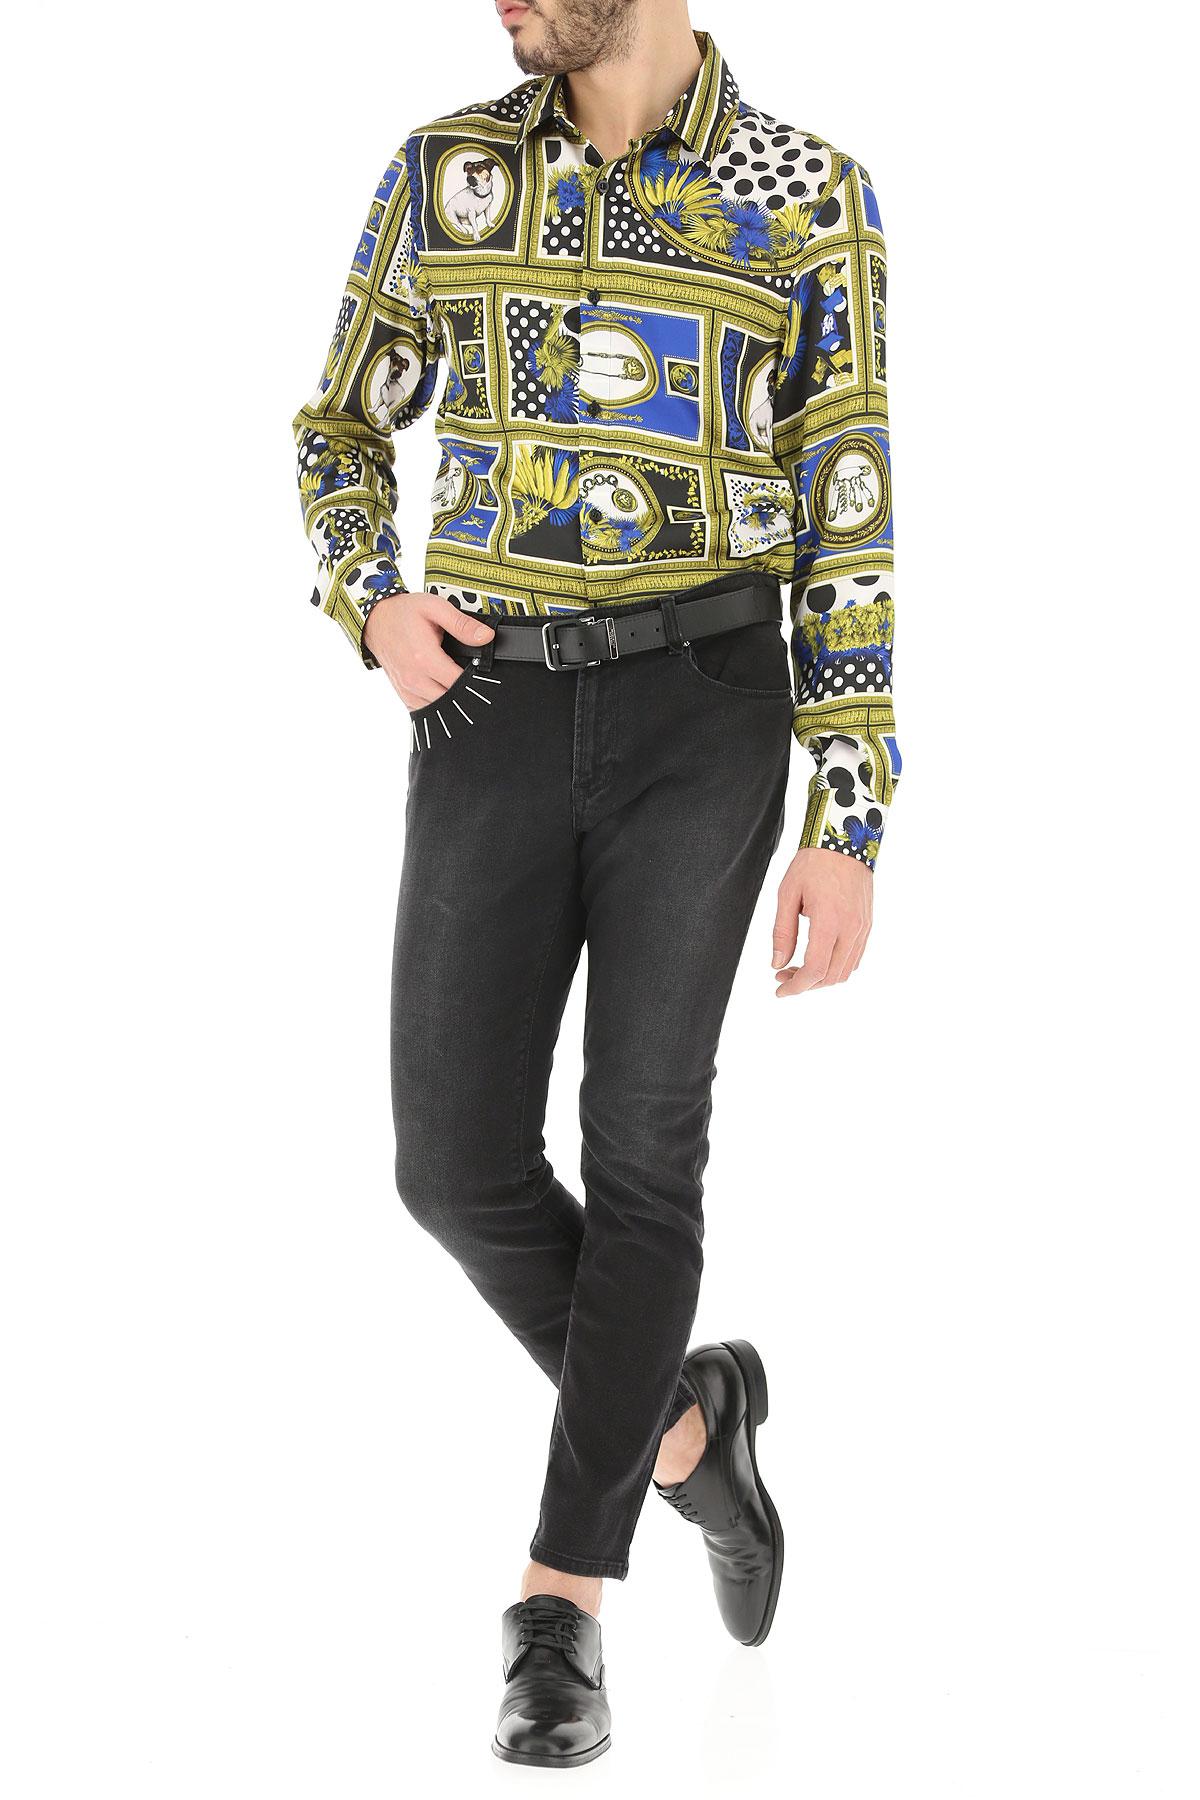 Azul dorado 2019 Versace Oro Para Hombres verano Primavera Ropa wwW7Rq81